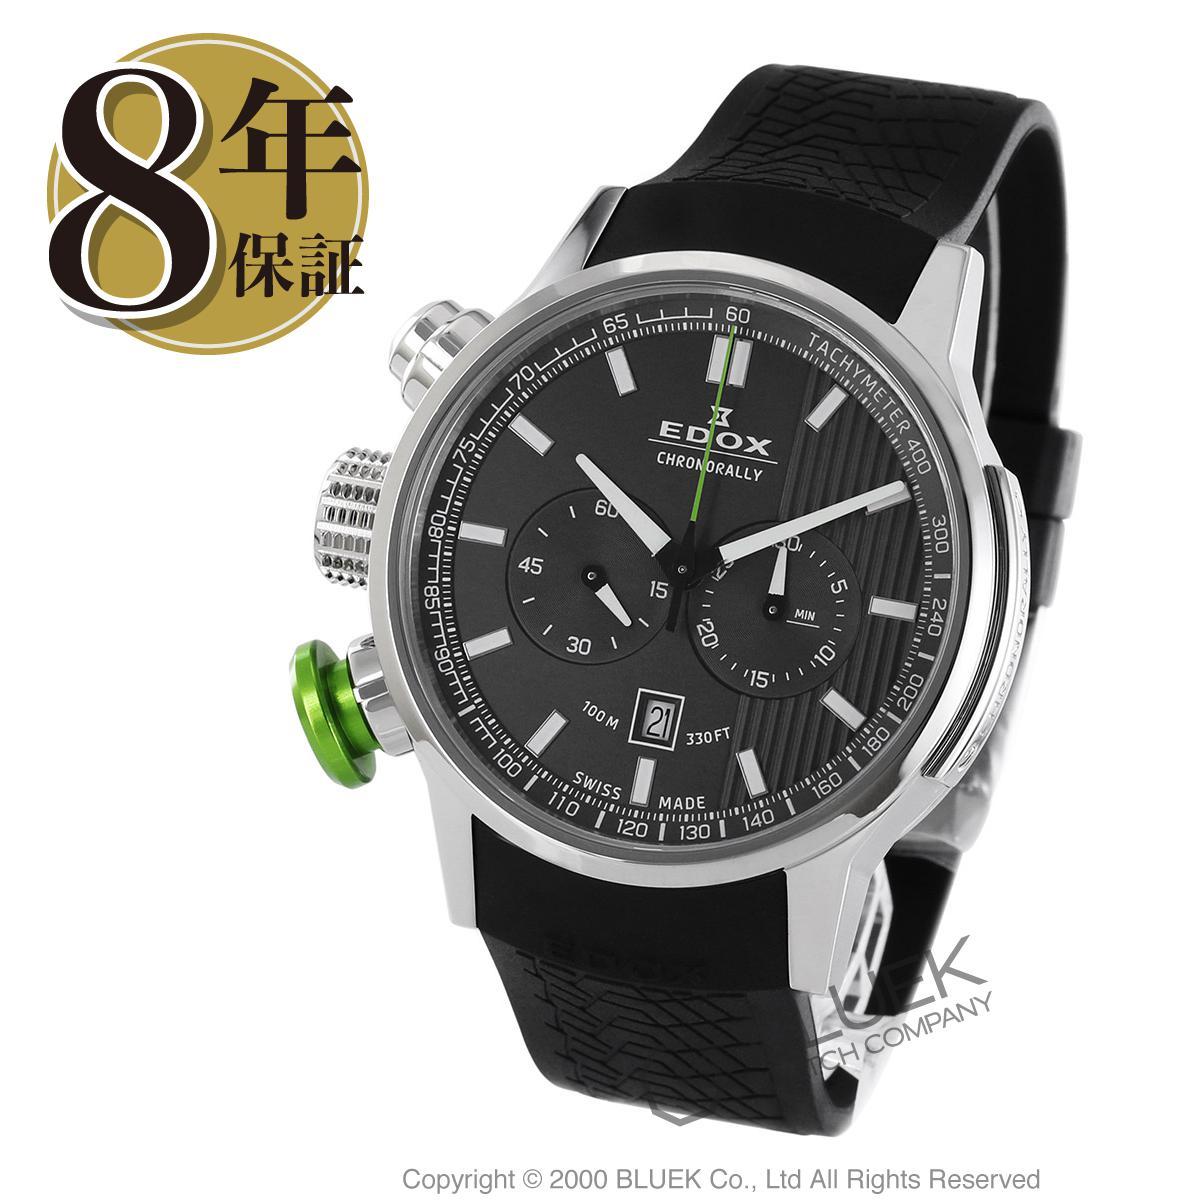 ec4f4c4e48db エドックス クロノラリー クロノグラフ 腕時計 メンズ EDOX 10302-3V-GIN